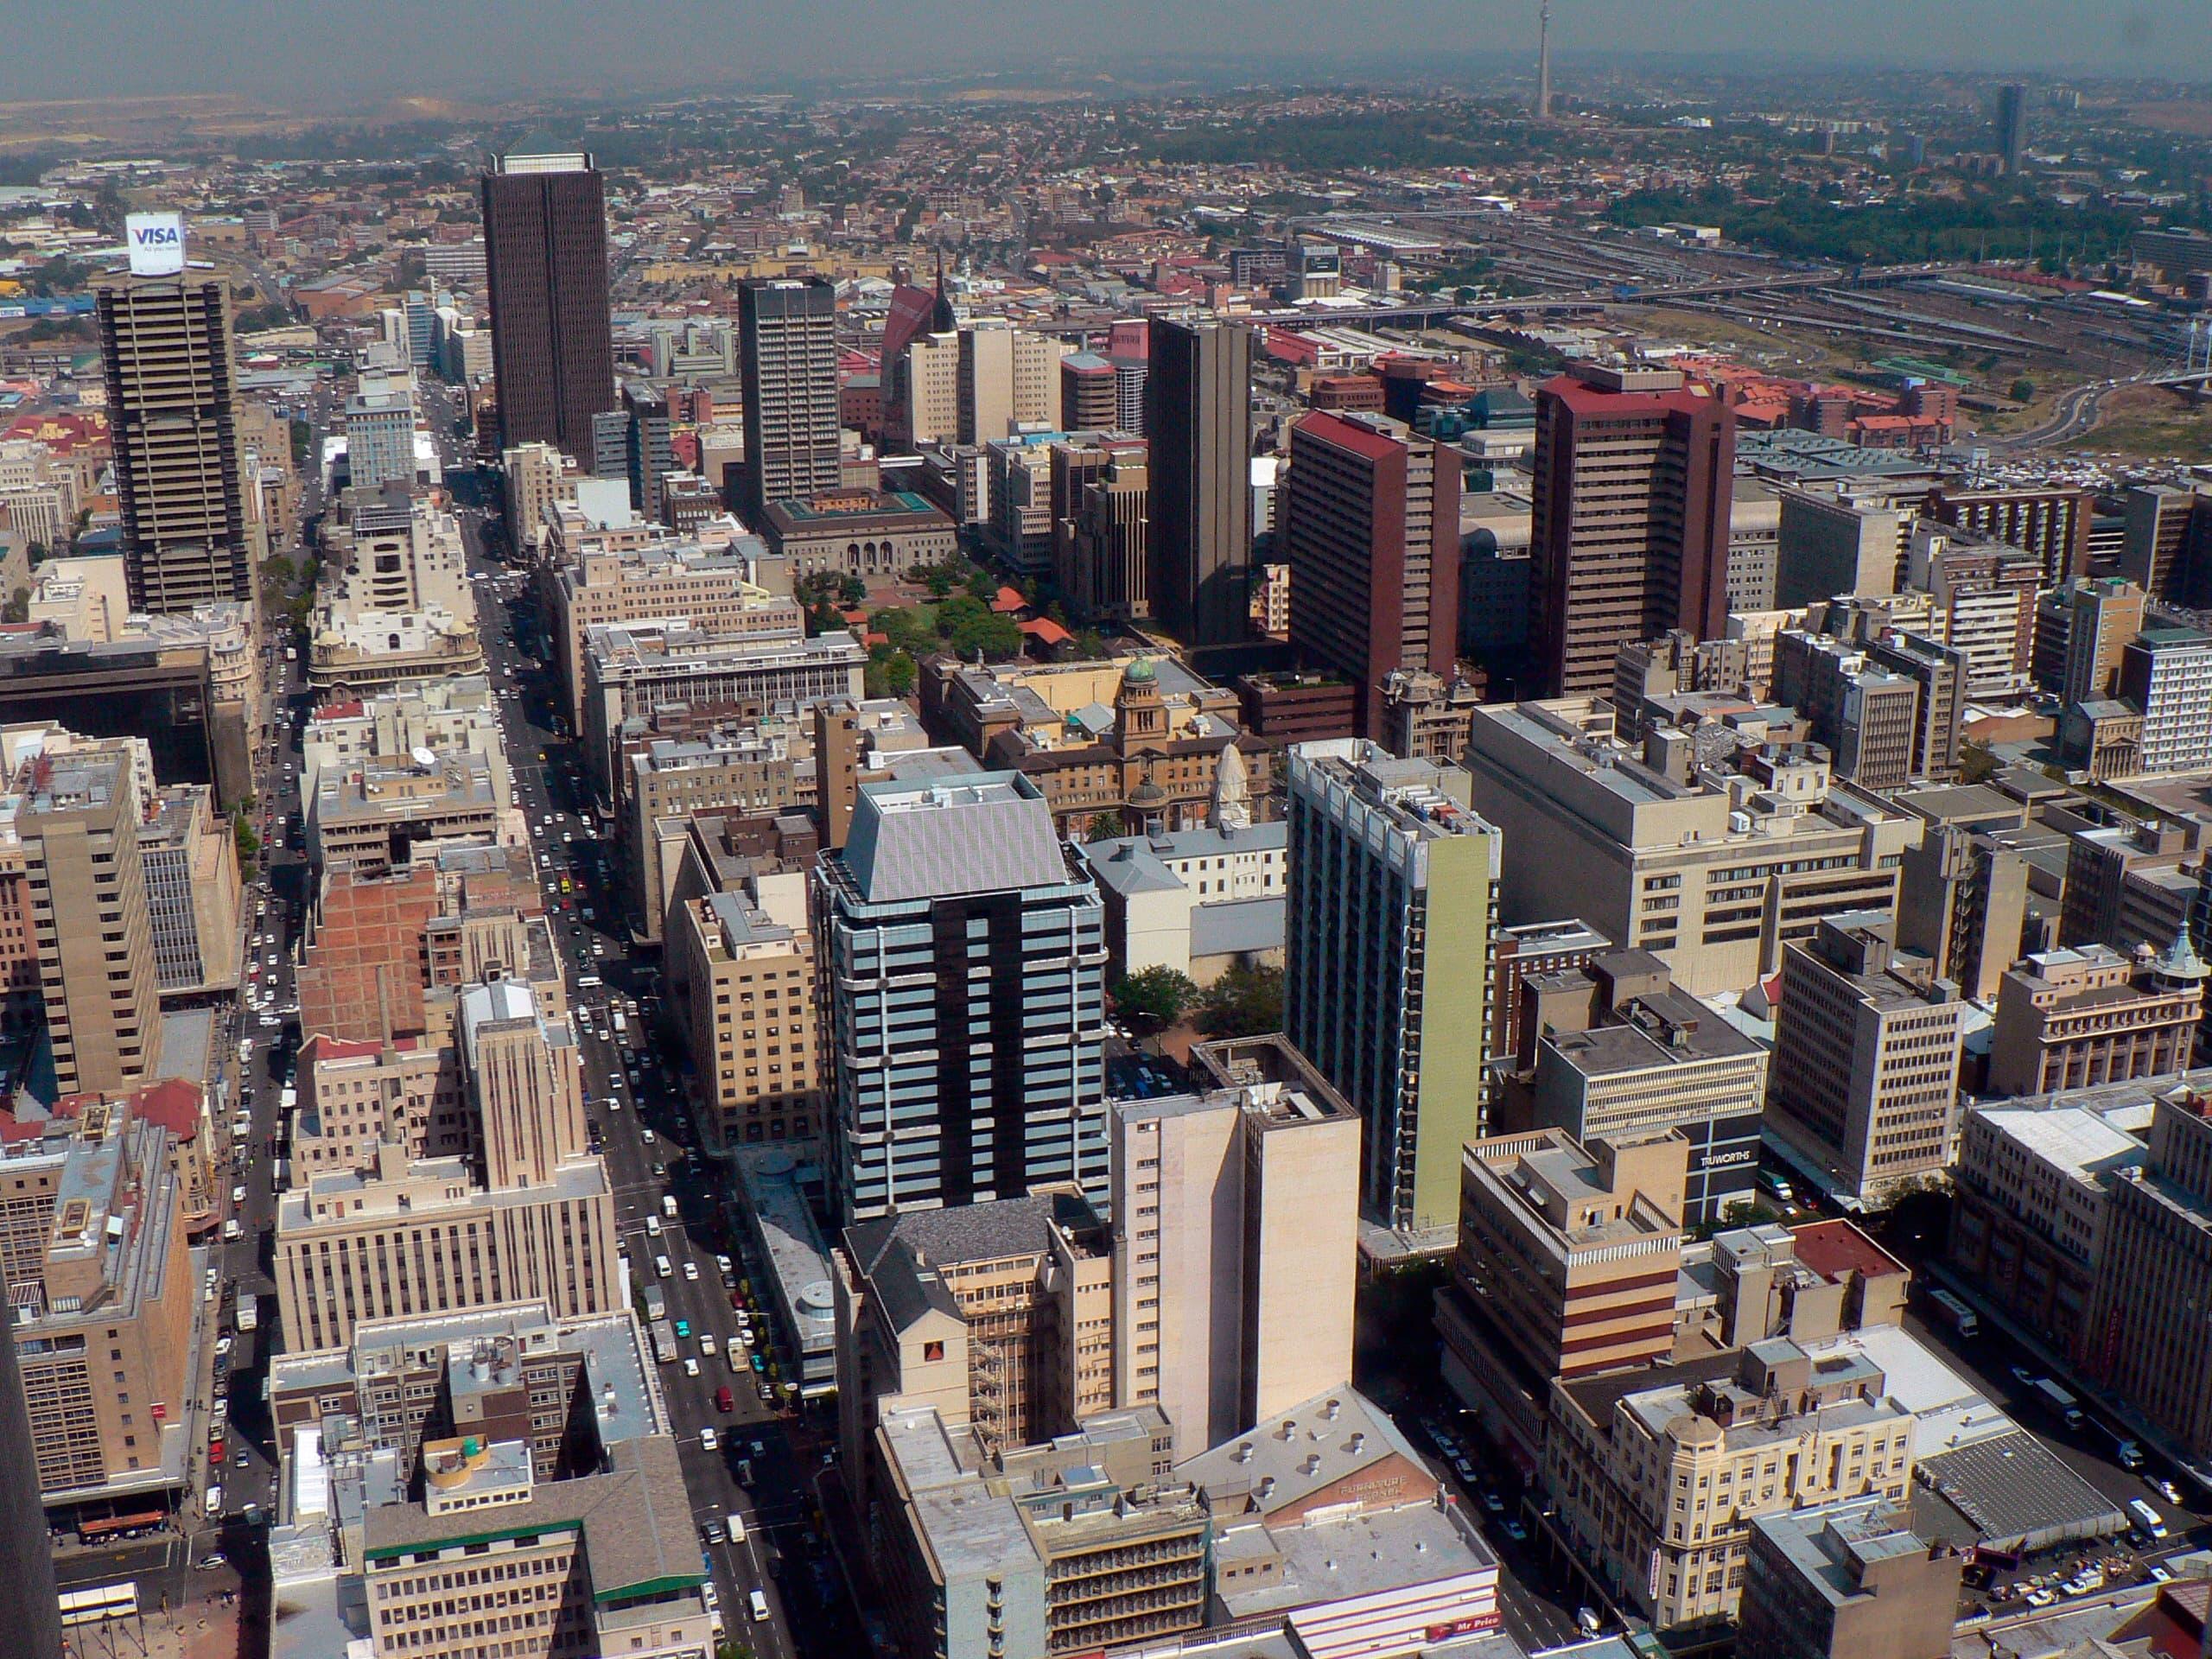 Lo mejor de Sudáfrica - Sudáfrica- imagen #3